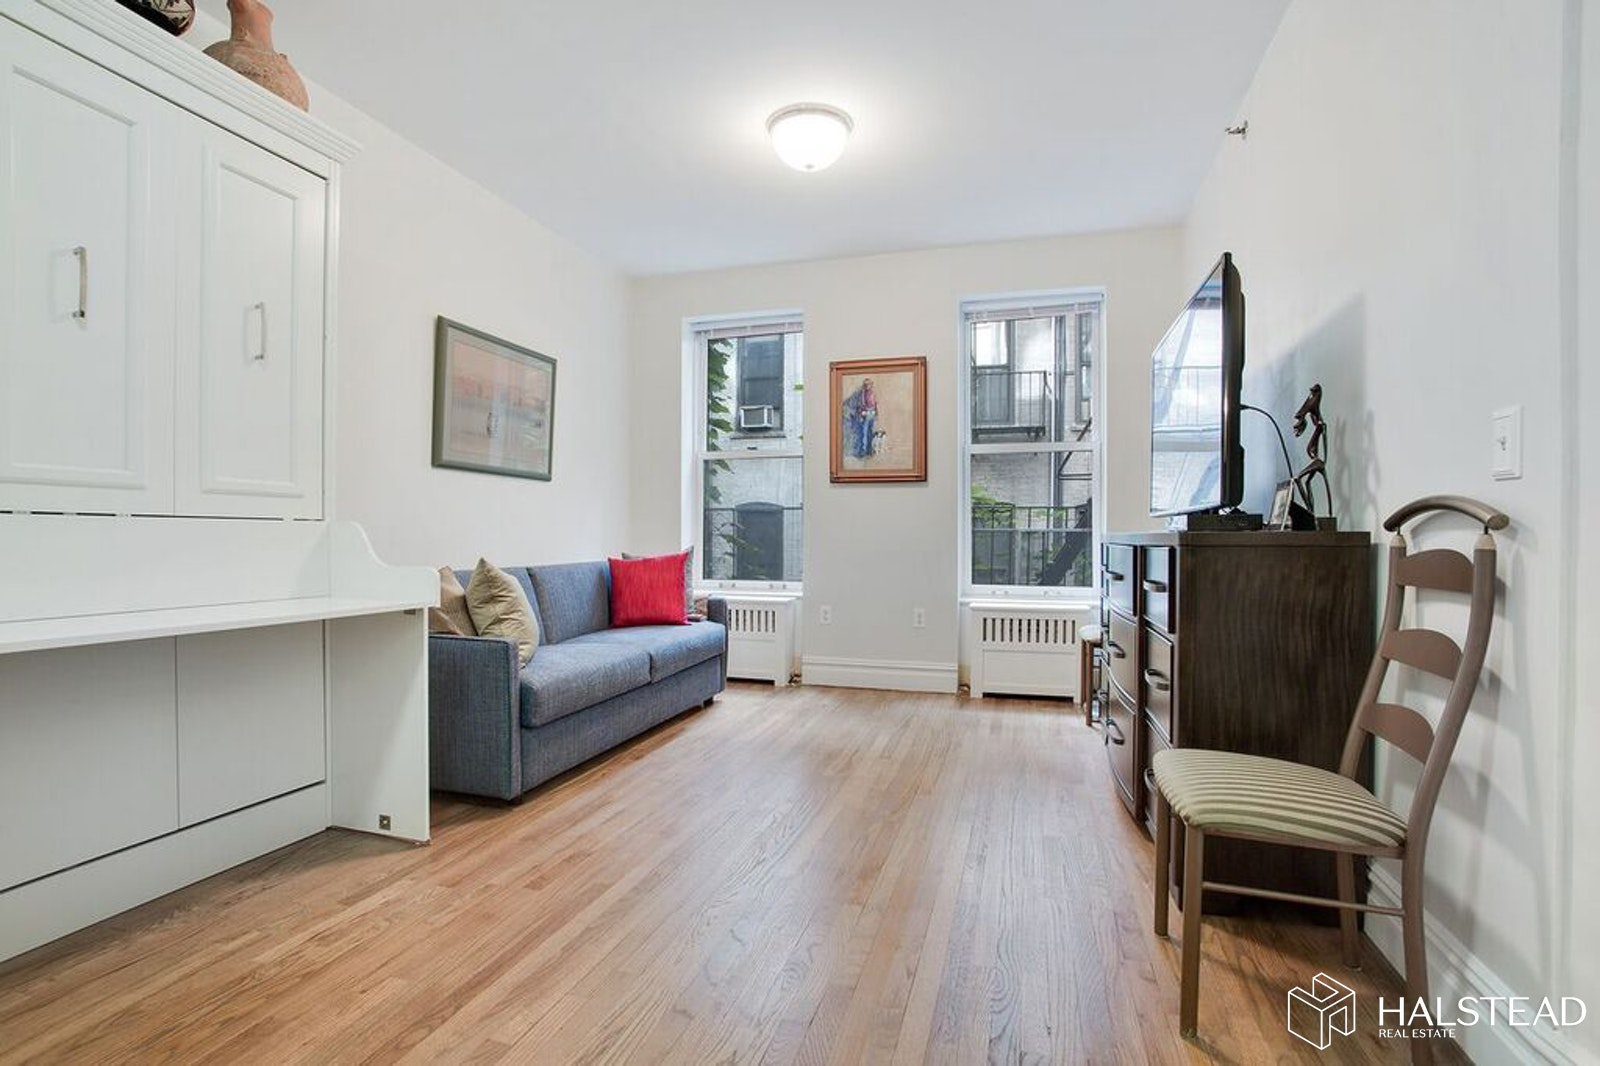 326 WEST 43RD STREET 2RE, Midtown West, $445,000, Web #: 19107683